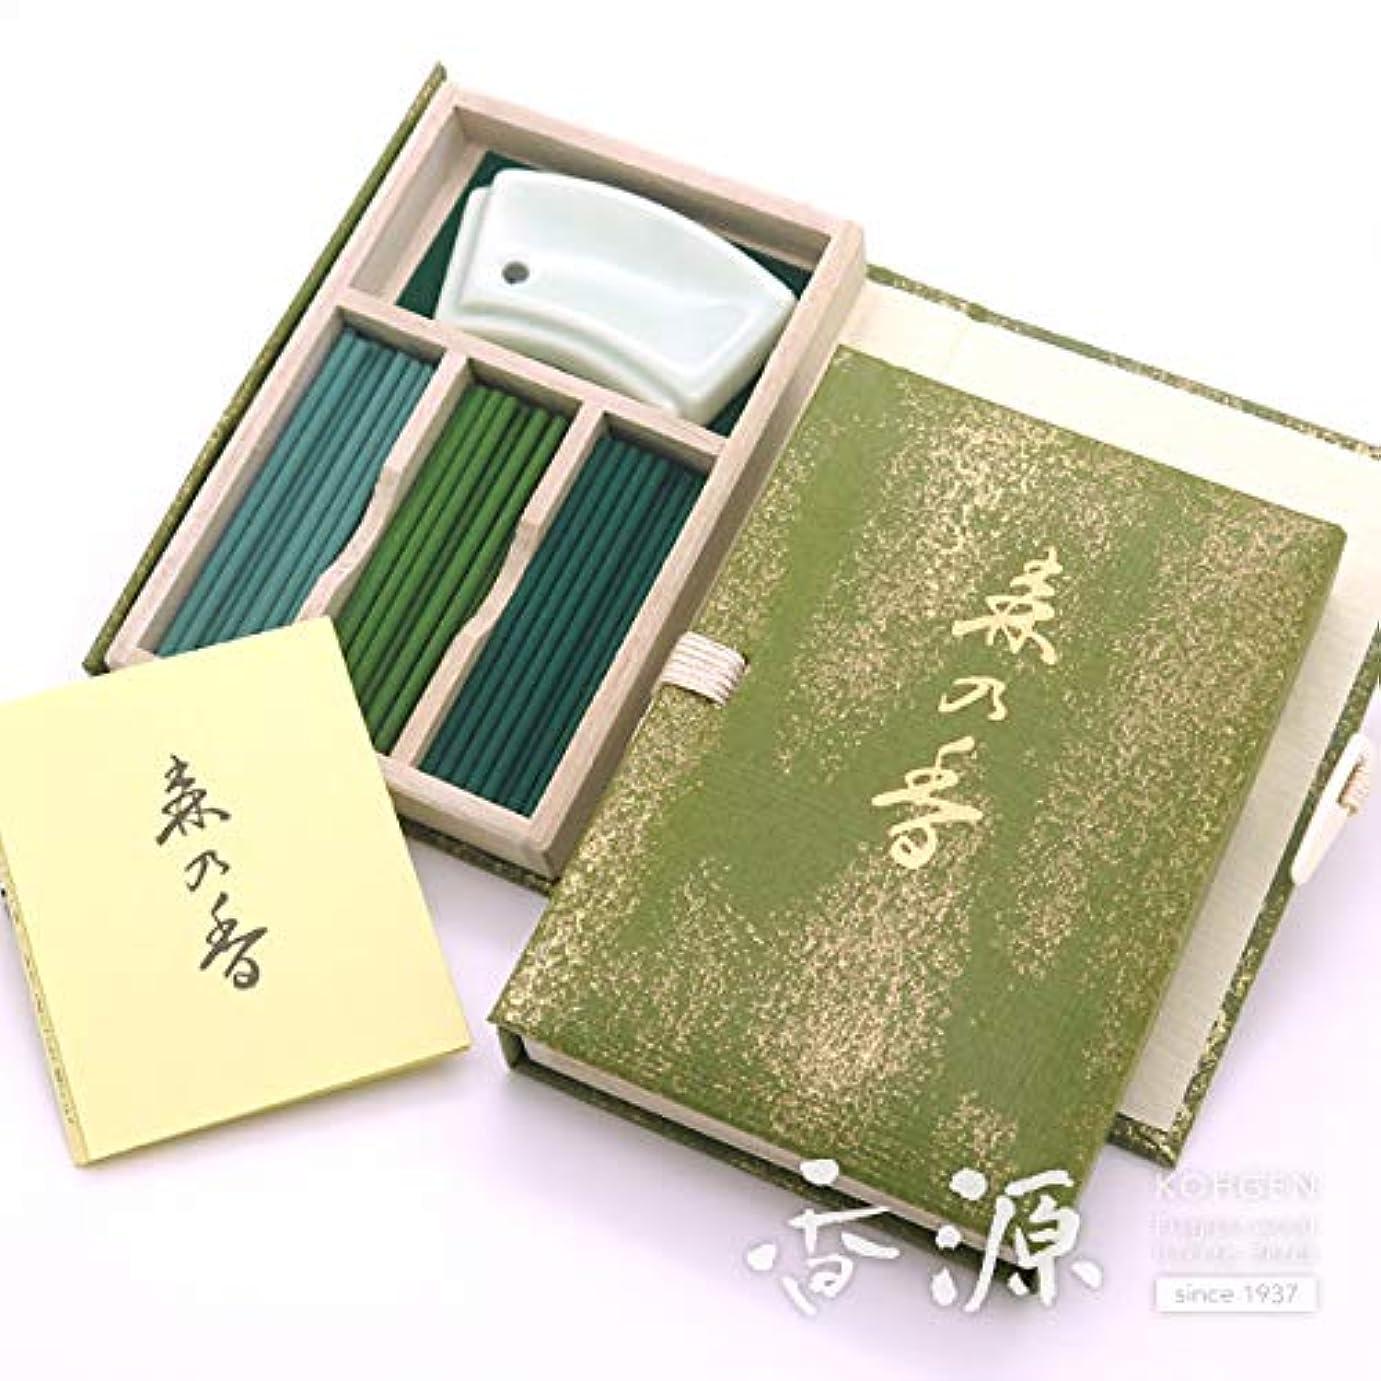 レビュー転用計算する日本香堂のお香 森の香 スティックミニ寸文庫型 60本入り